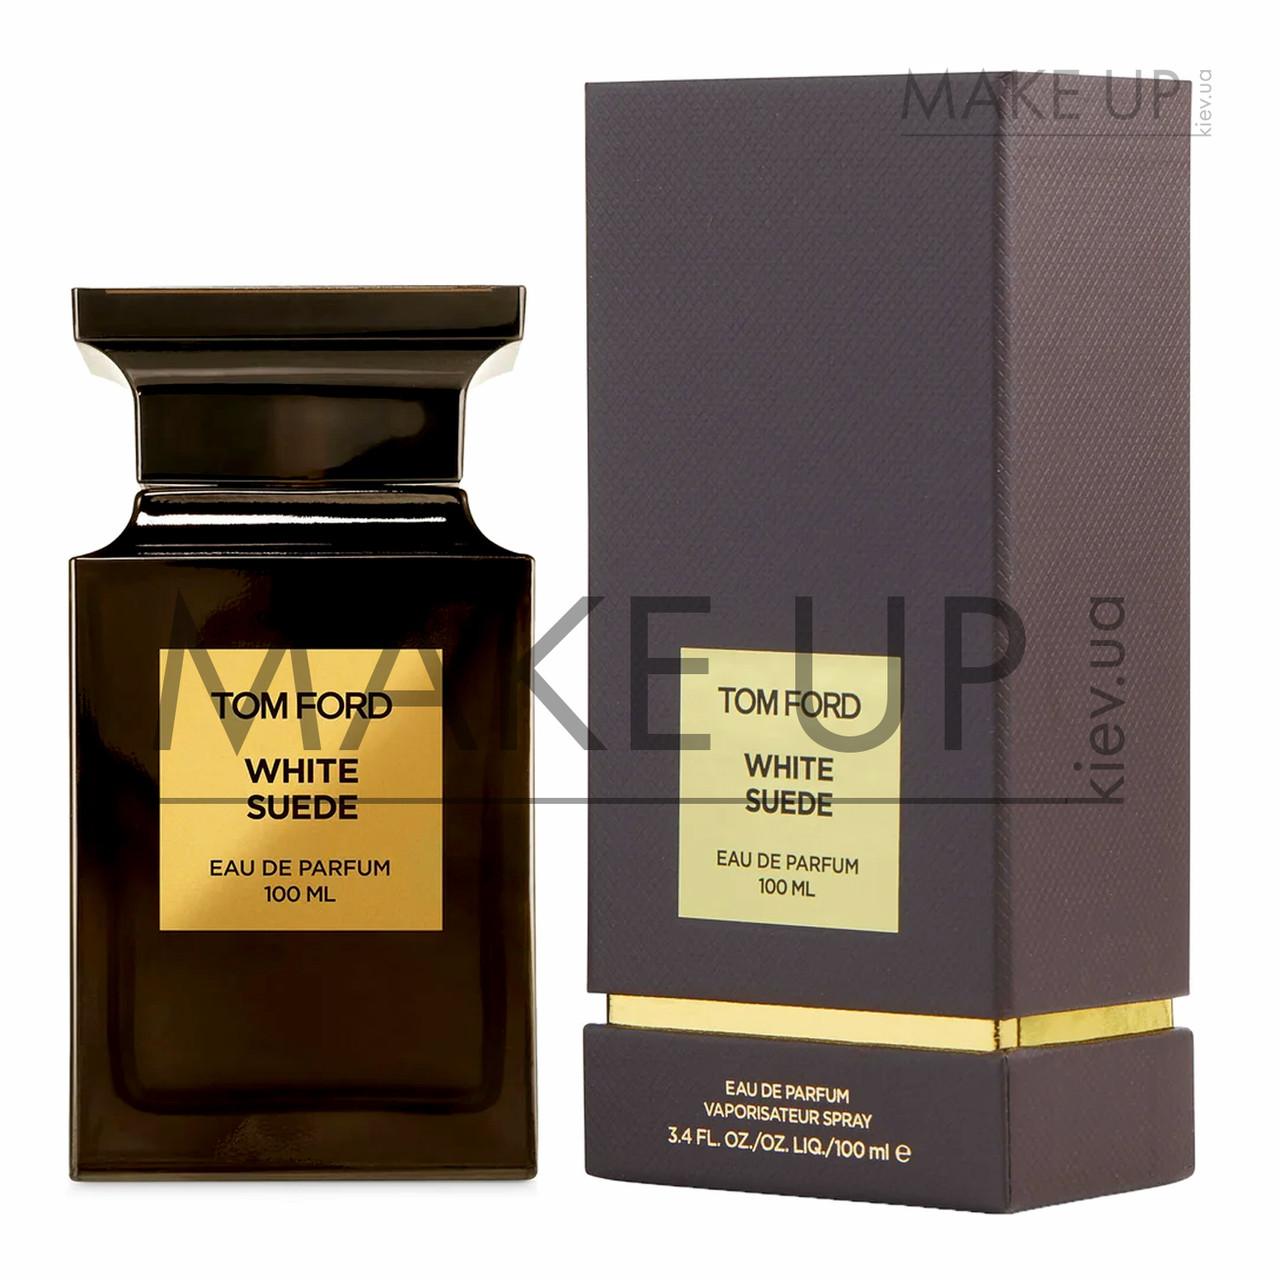 Женская парфюмированная вода Tom Ford White Suede EDP 100 мл.   Лицензия Объединенные Арабские Эмираты